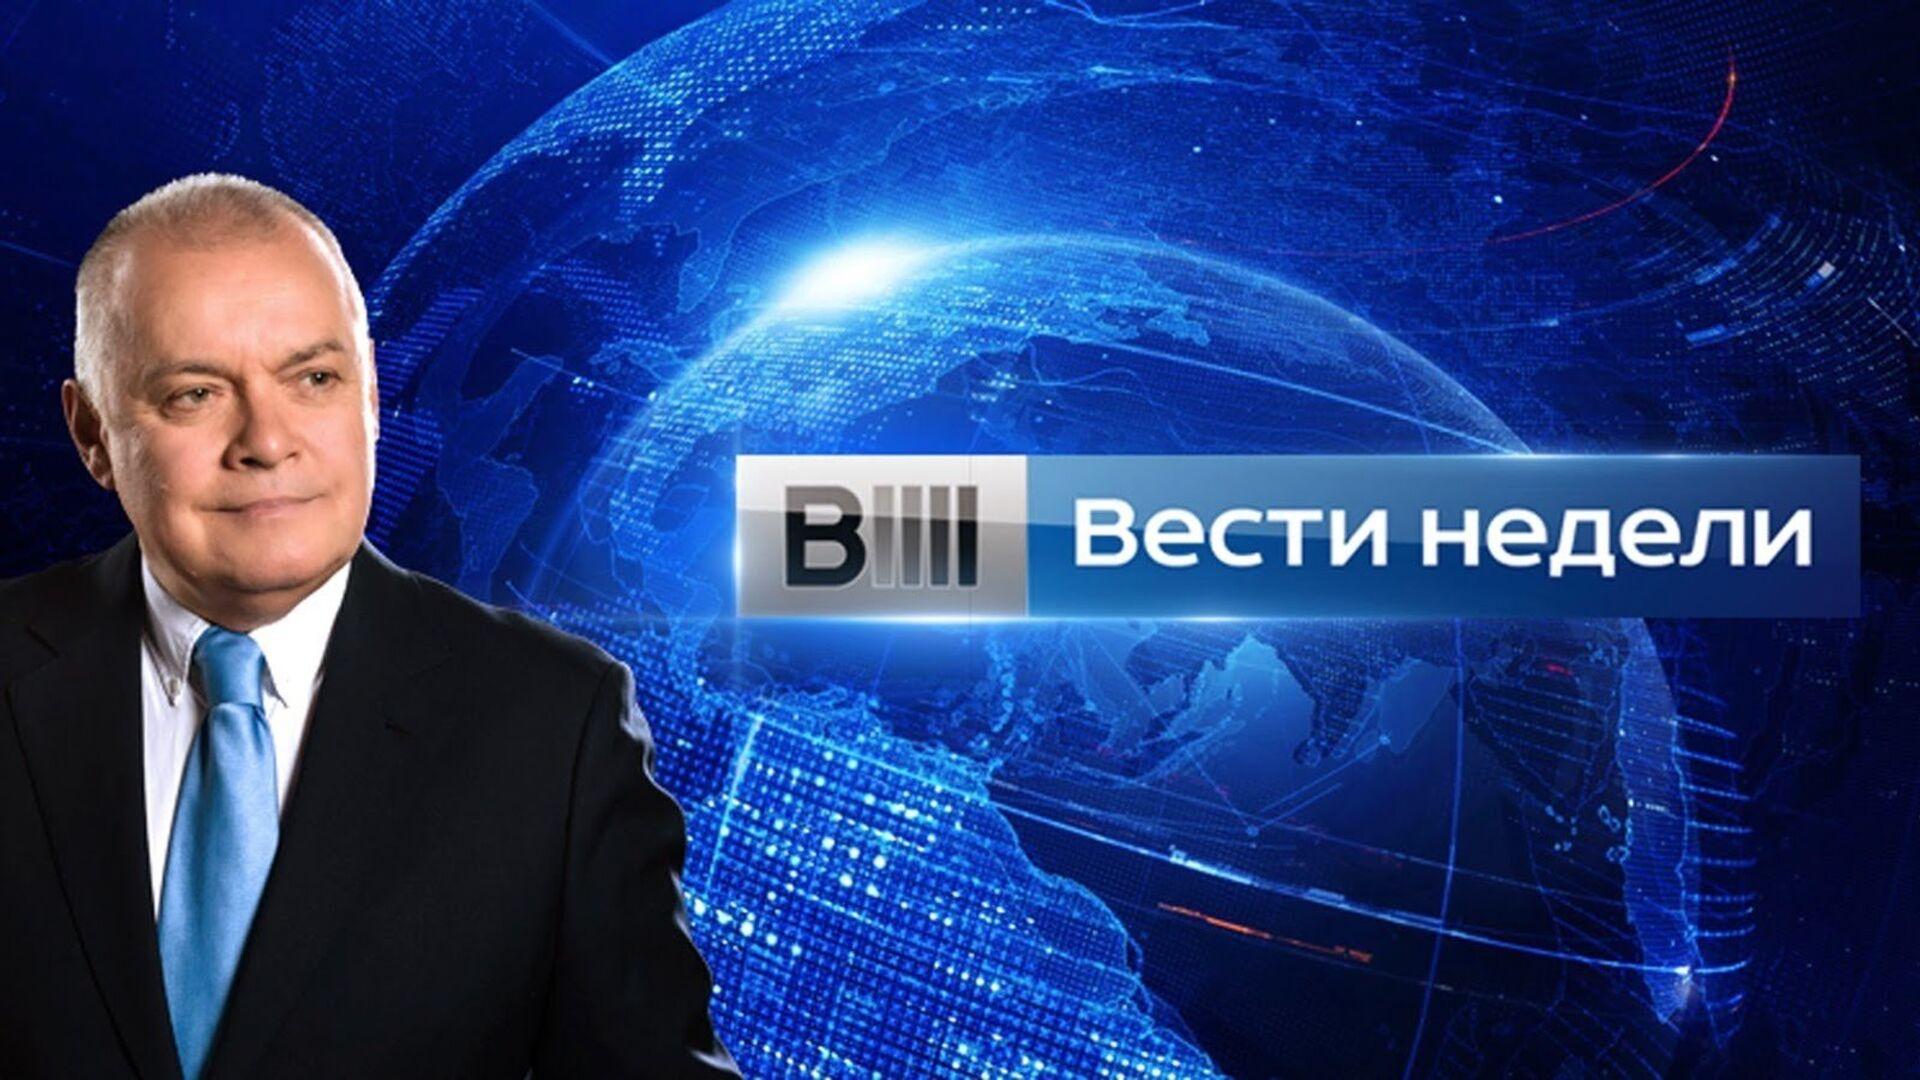 Ведущий программы Вести недели Дмитрий Киселев - РИА Новости, 1920, 16.09.2016